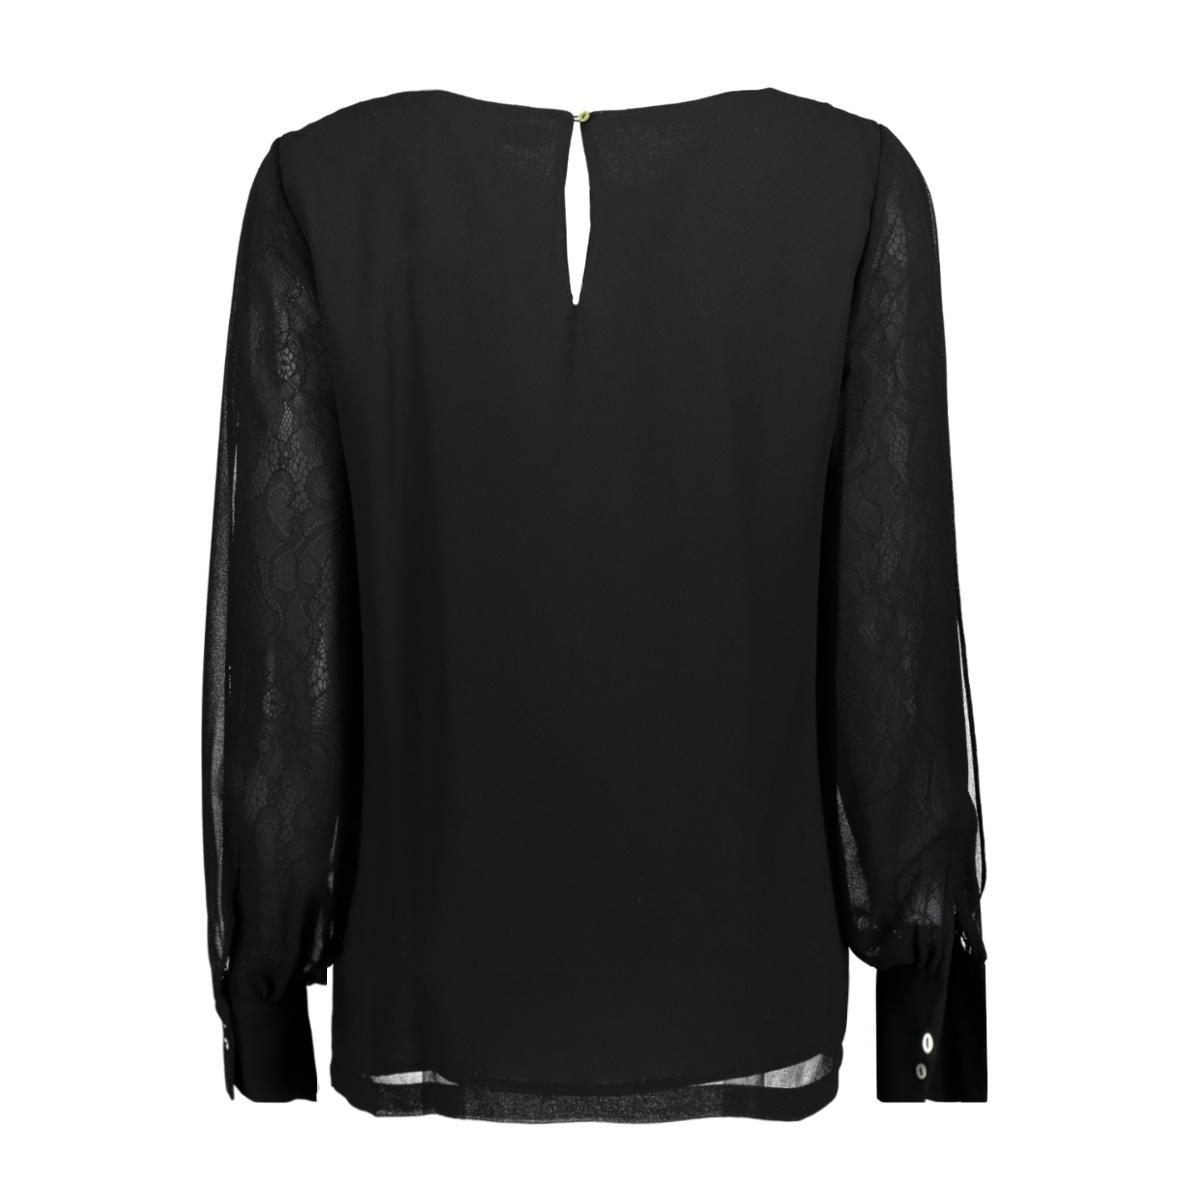 127eo1f008 esprit collection blouse e001